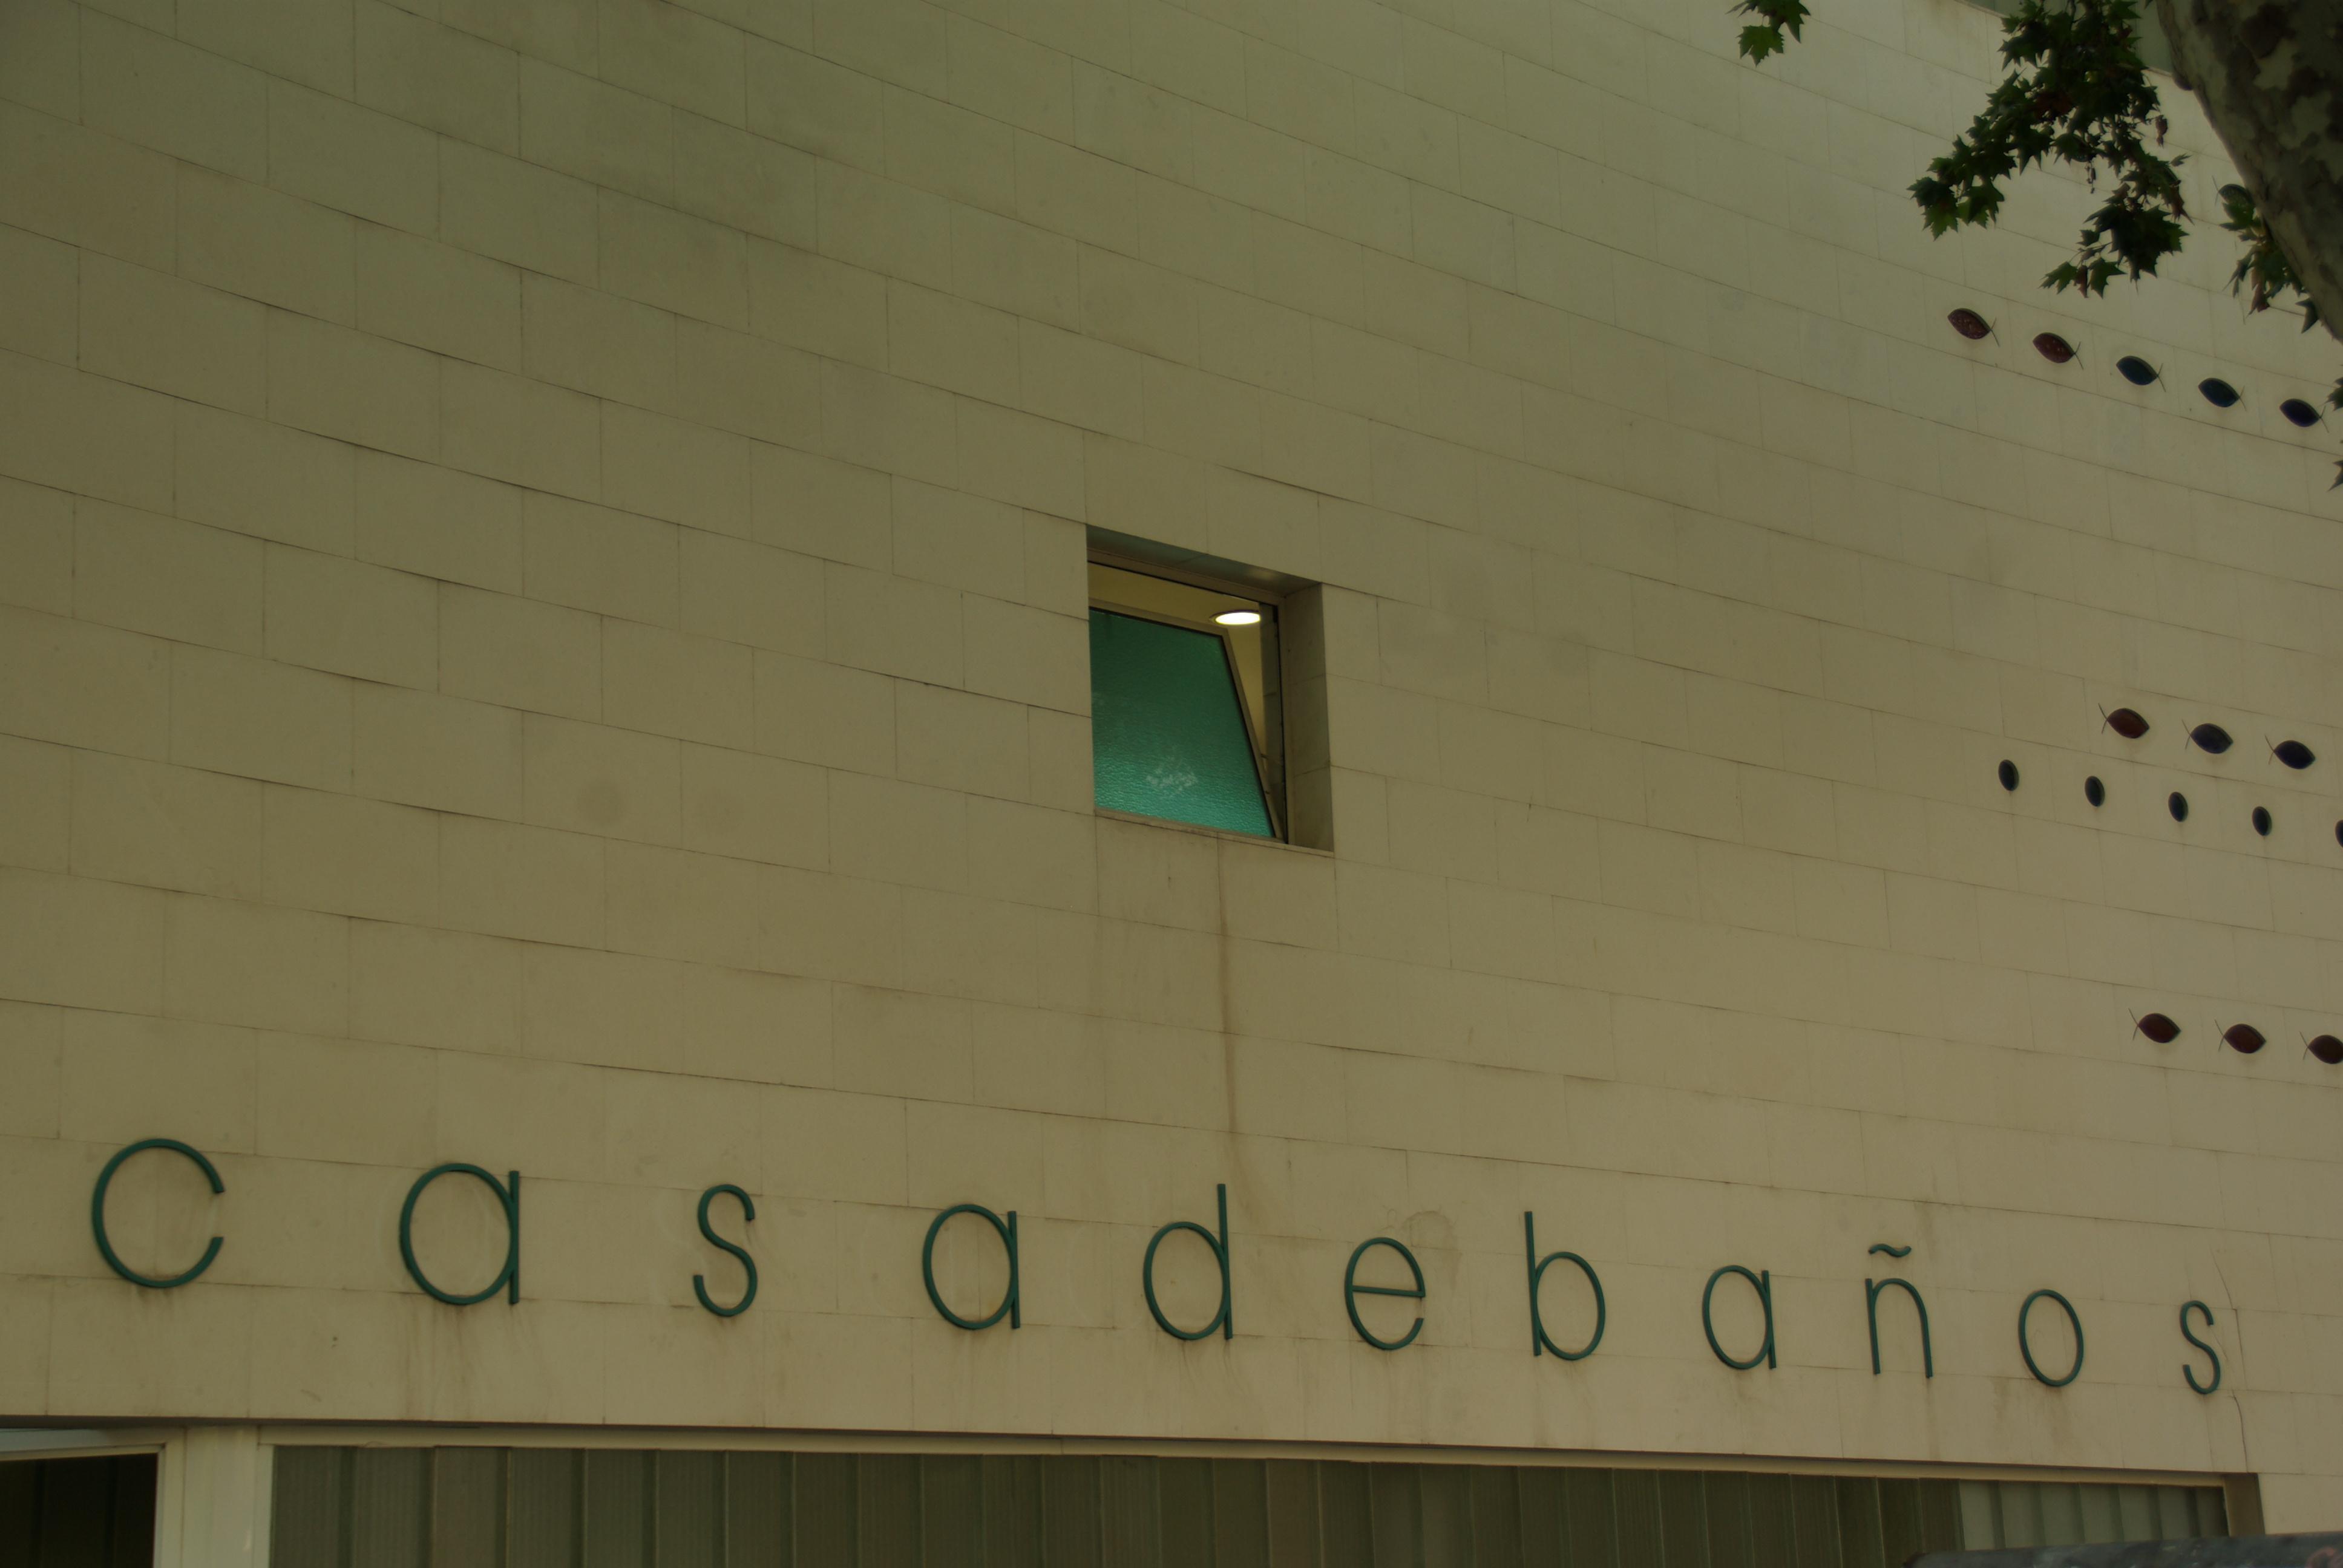 f7ab5225e22d Casas de baños de Madrid - Wikipedia, la enciclopedia libre